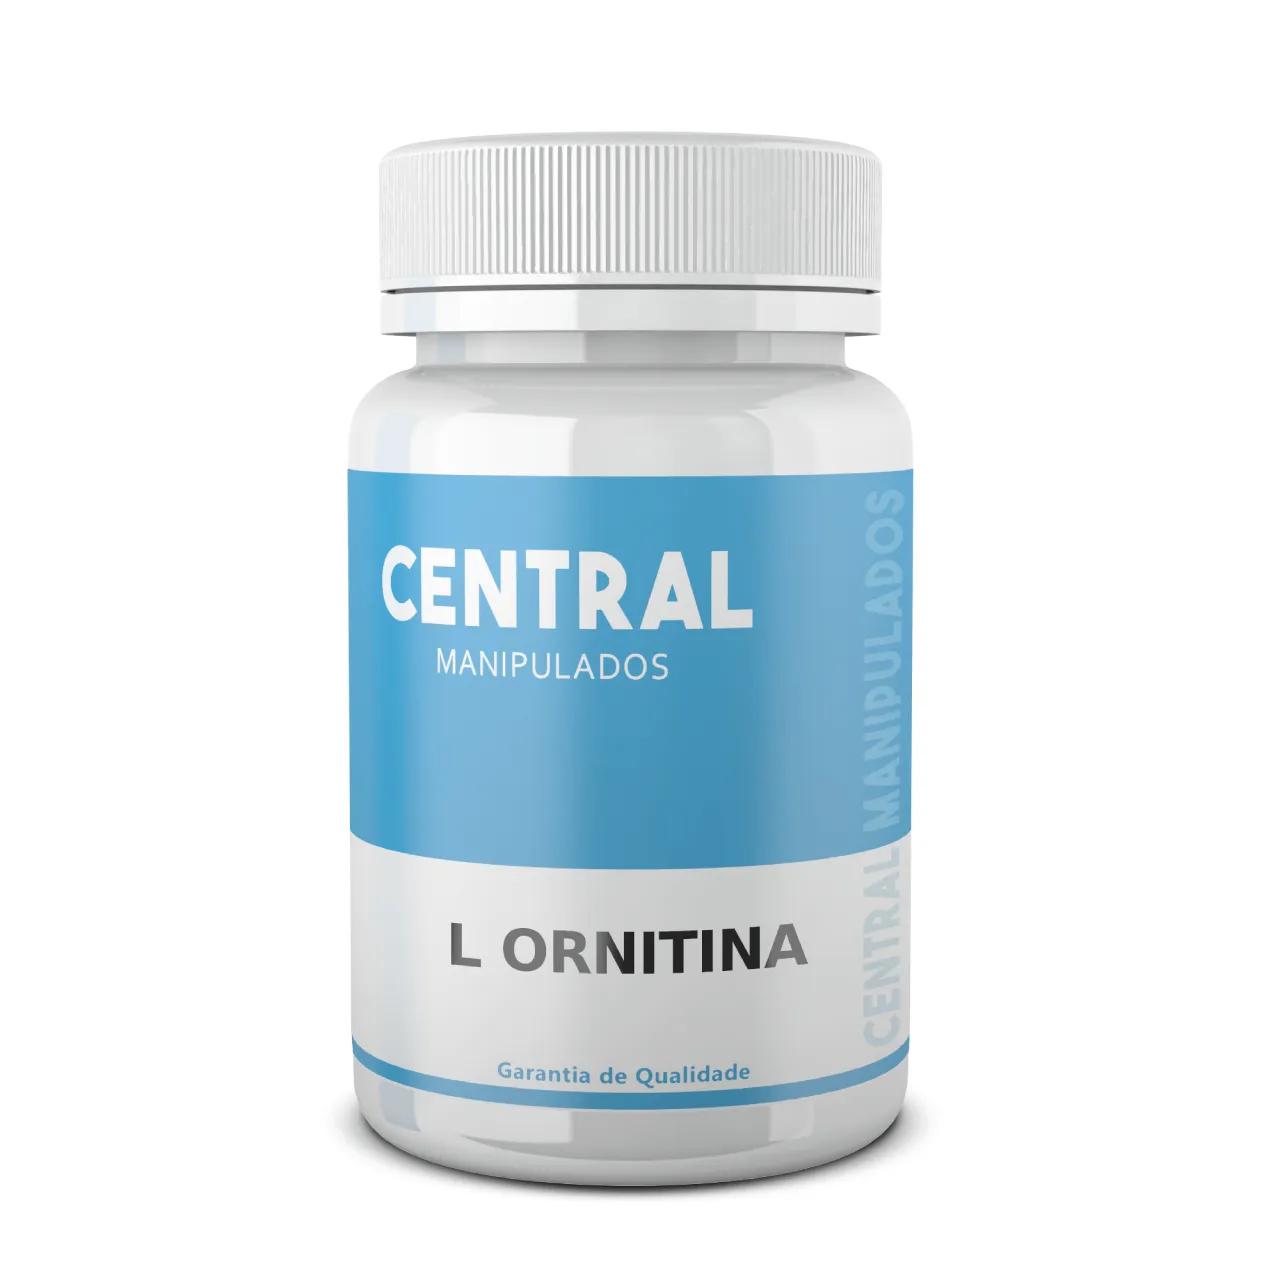 L-Ornitina 300mg - 180 cápsulas - Estimula produção do hormônio do crescimento, incrementa a massa muscular, diminui tecido gorduroso, ativa imunidade e a função hepática